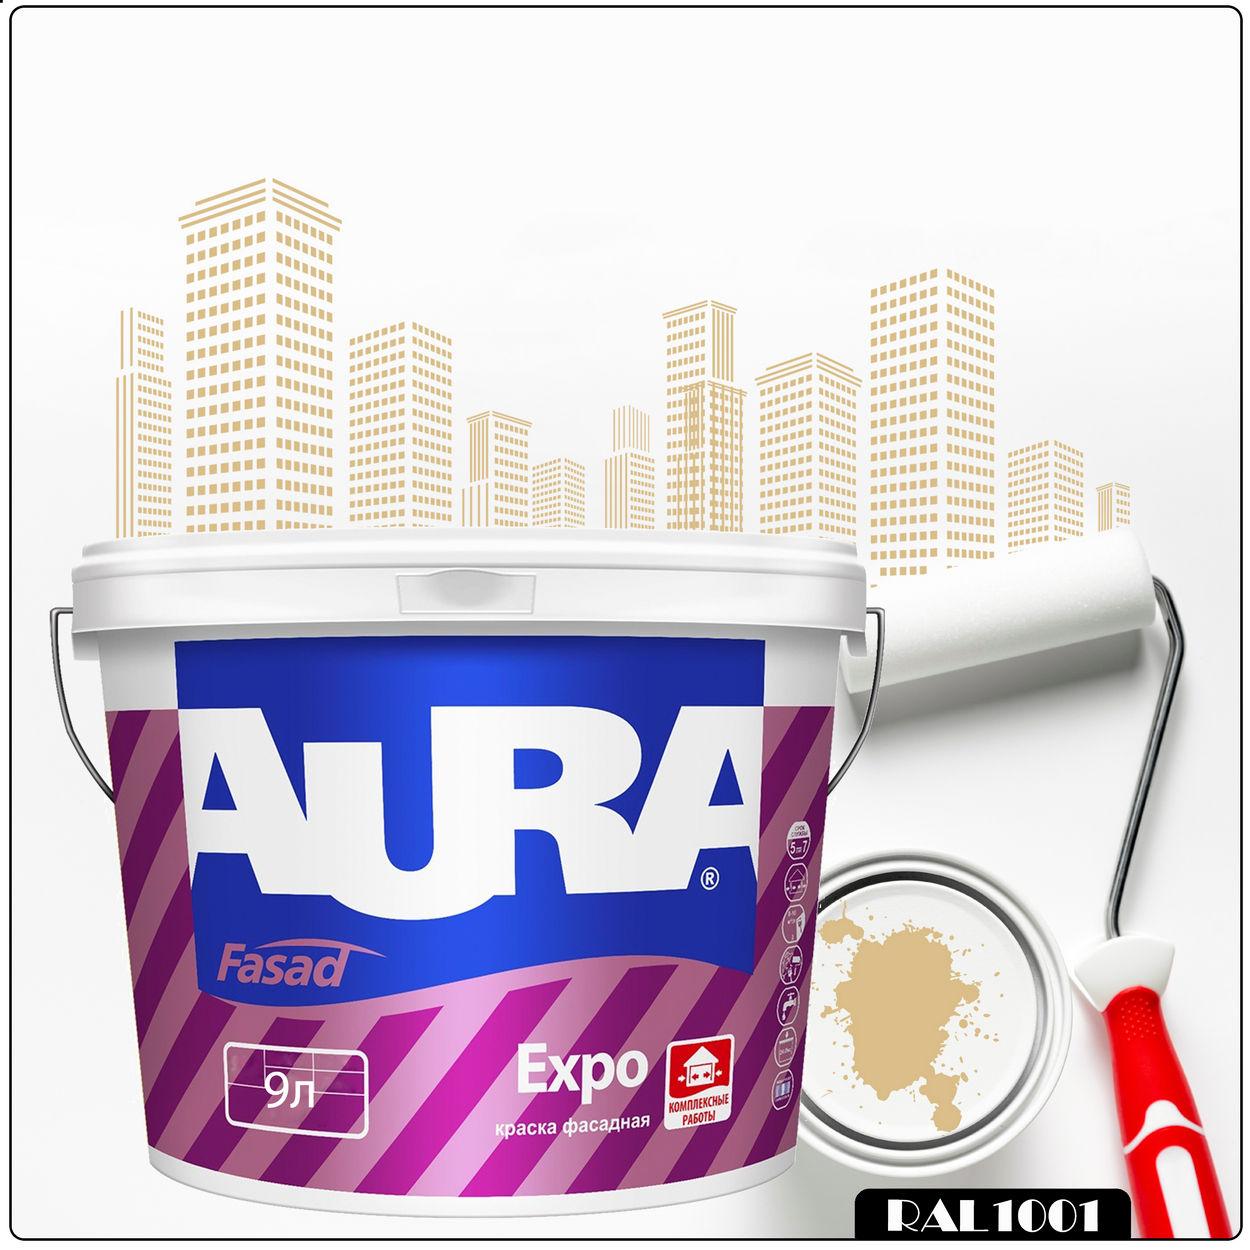 Фото 2 - Краска Aura Fasad Expo, RAL 1001 Бежевый, матовая, для фасадов и помещений с повышенной влажностью, 9л.